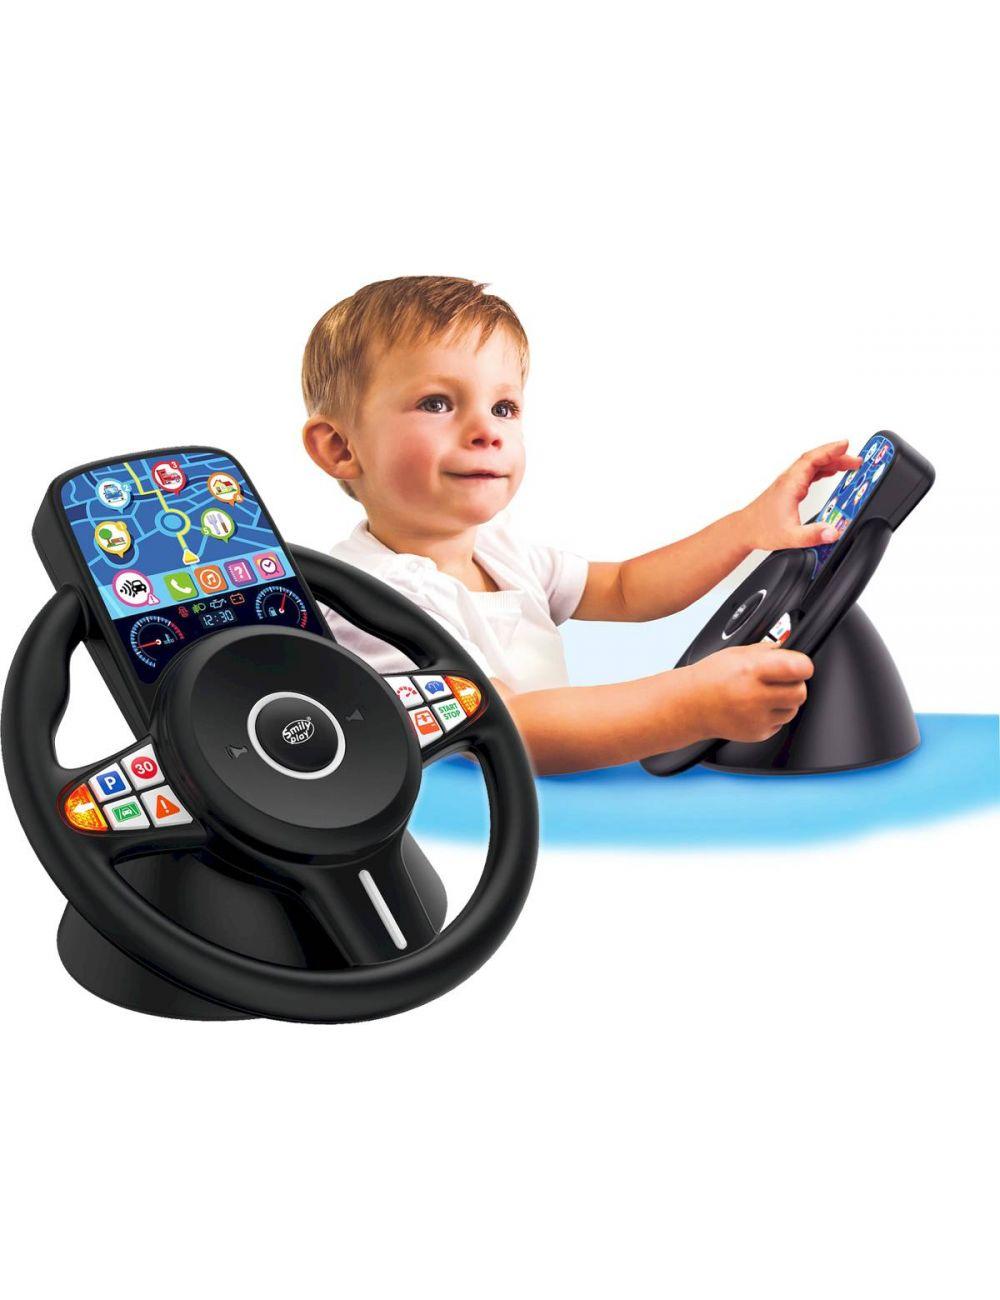 Smily Play Mówiąca Kierownica Interaktywna Symulator Jazdy SP83676